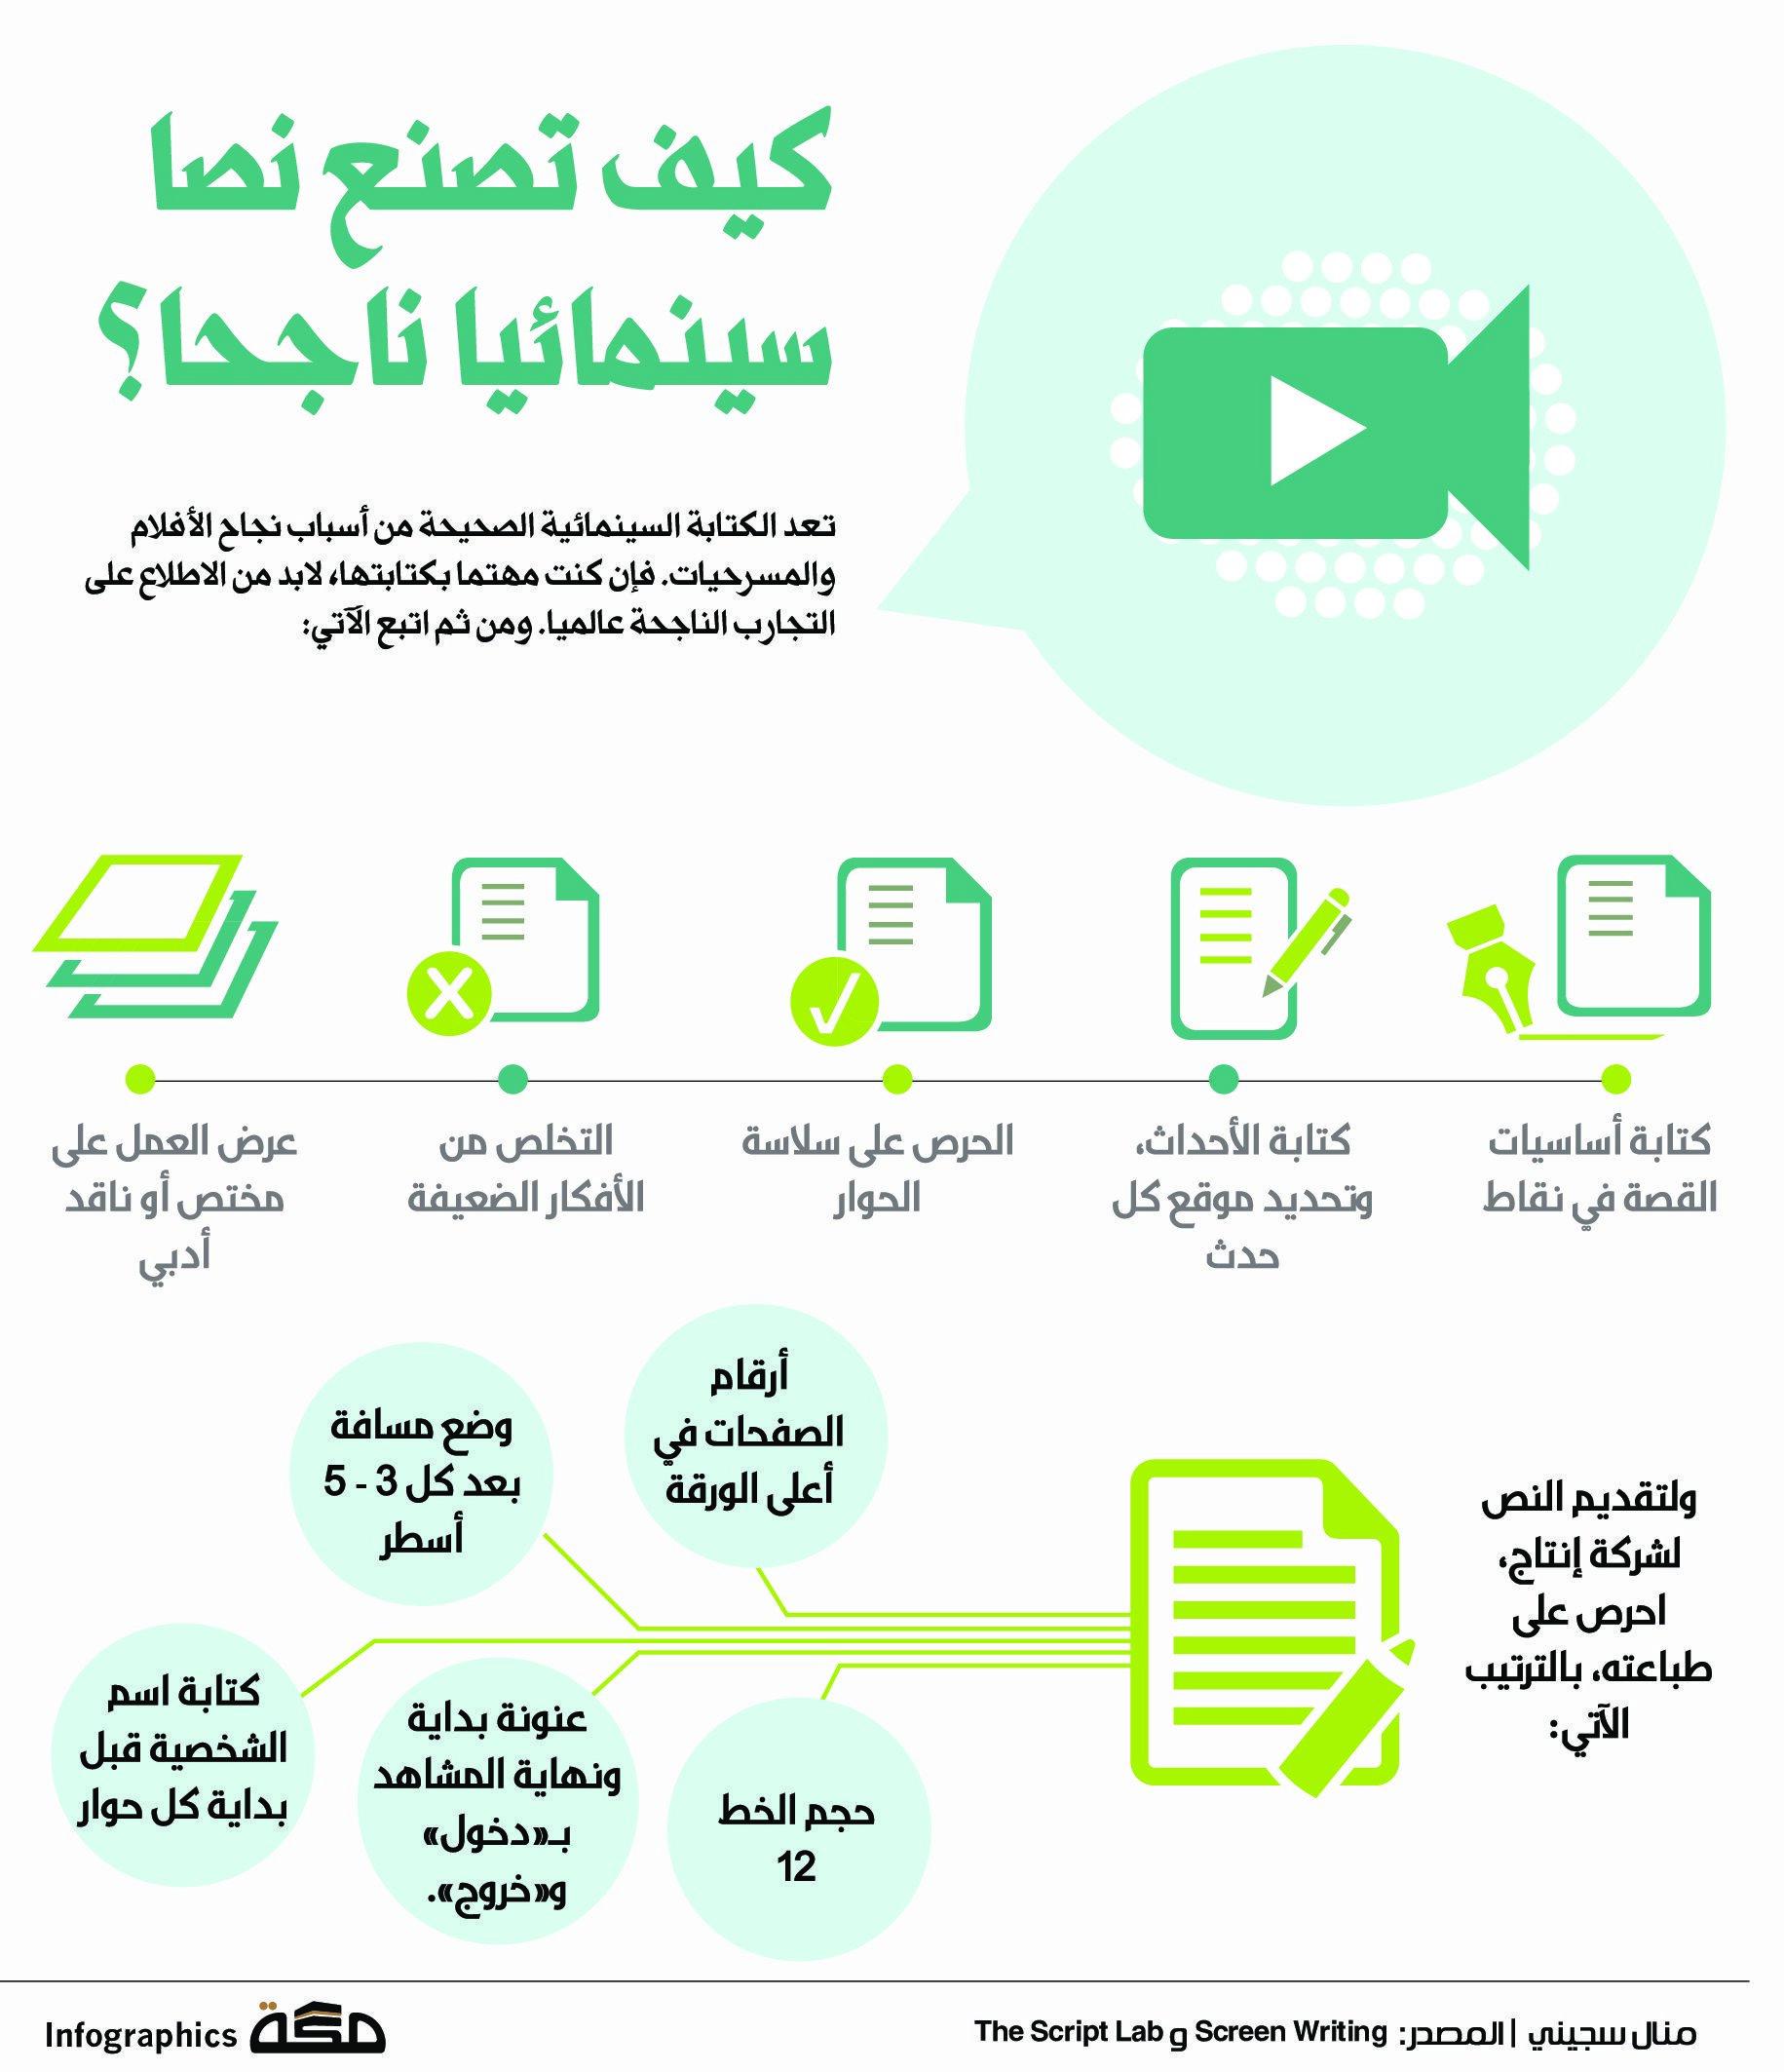 كيف تصنع نصا سينمائيا ناجحا صحيفة مكة انفوجرافيك منوعات Infographic Graphic Design Map